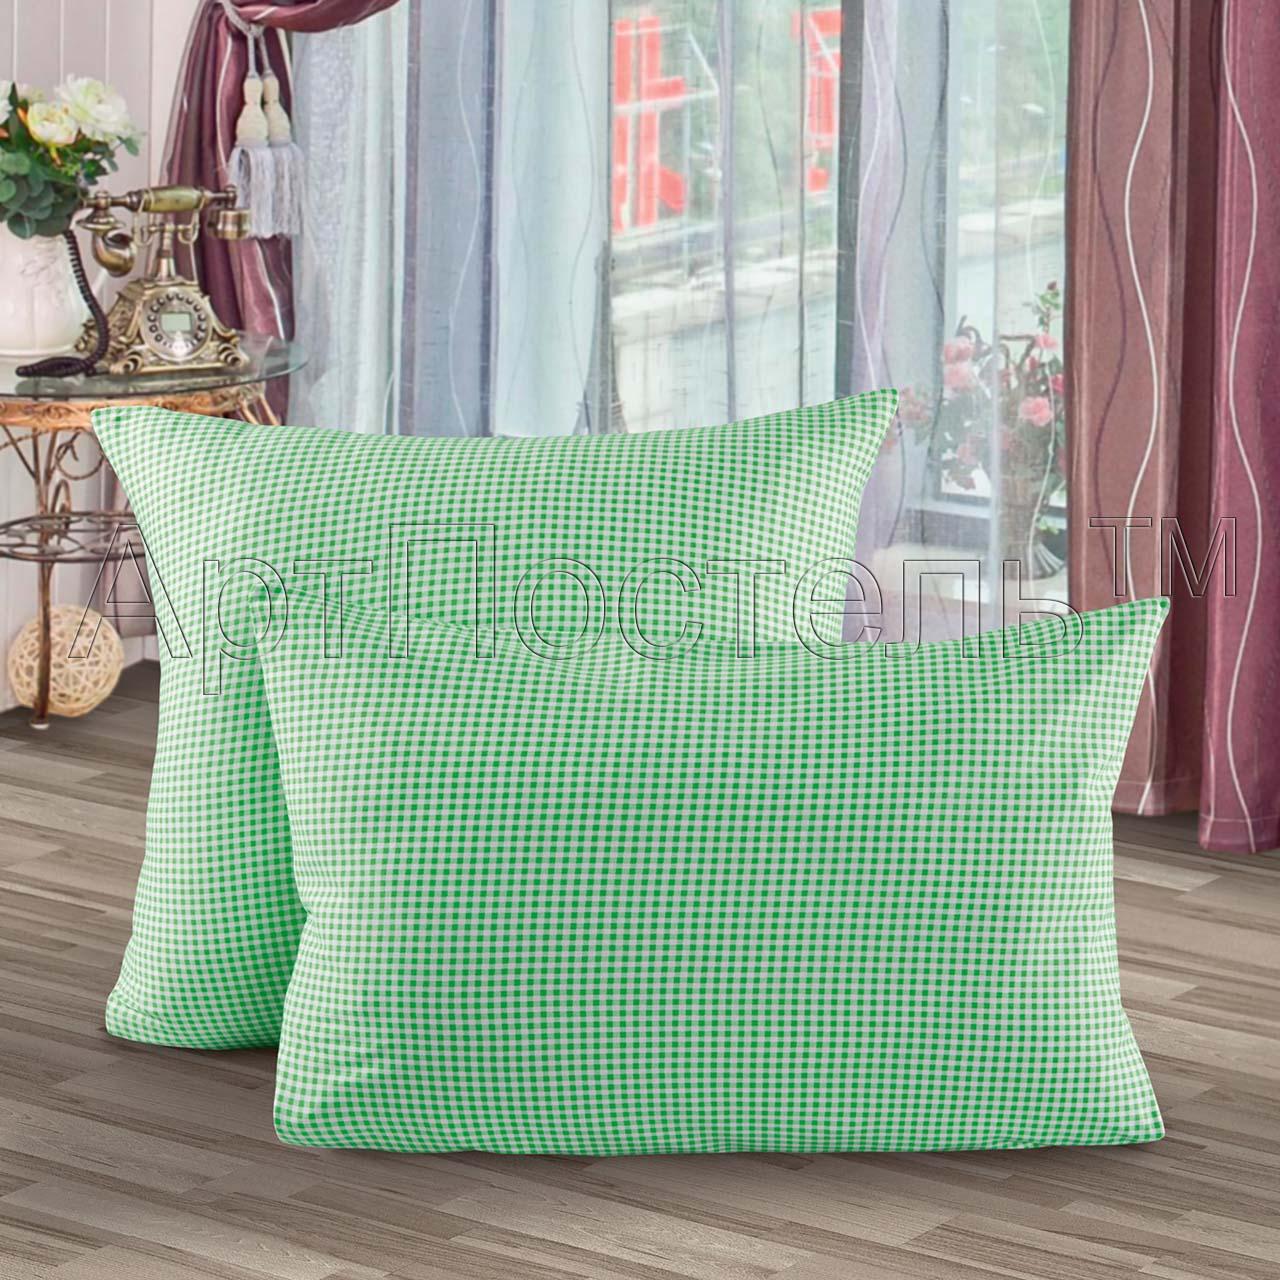 Наволочки Клетка Зеленый р. 70х70Наволочки<br>Плотность ткани:140 г/кв. М<br>Количество:2 шт.<br><br>Тип: Наволочки<br>Размер: 70х70<br>Материал: Кулирка